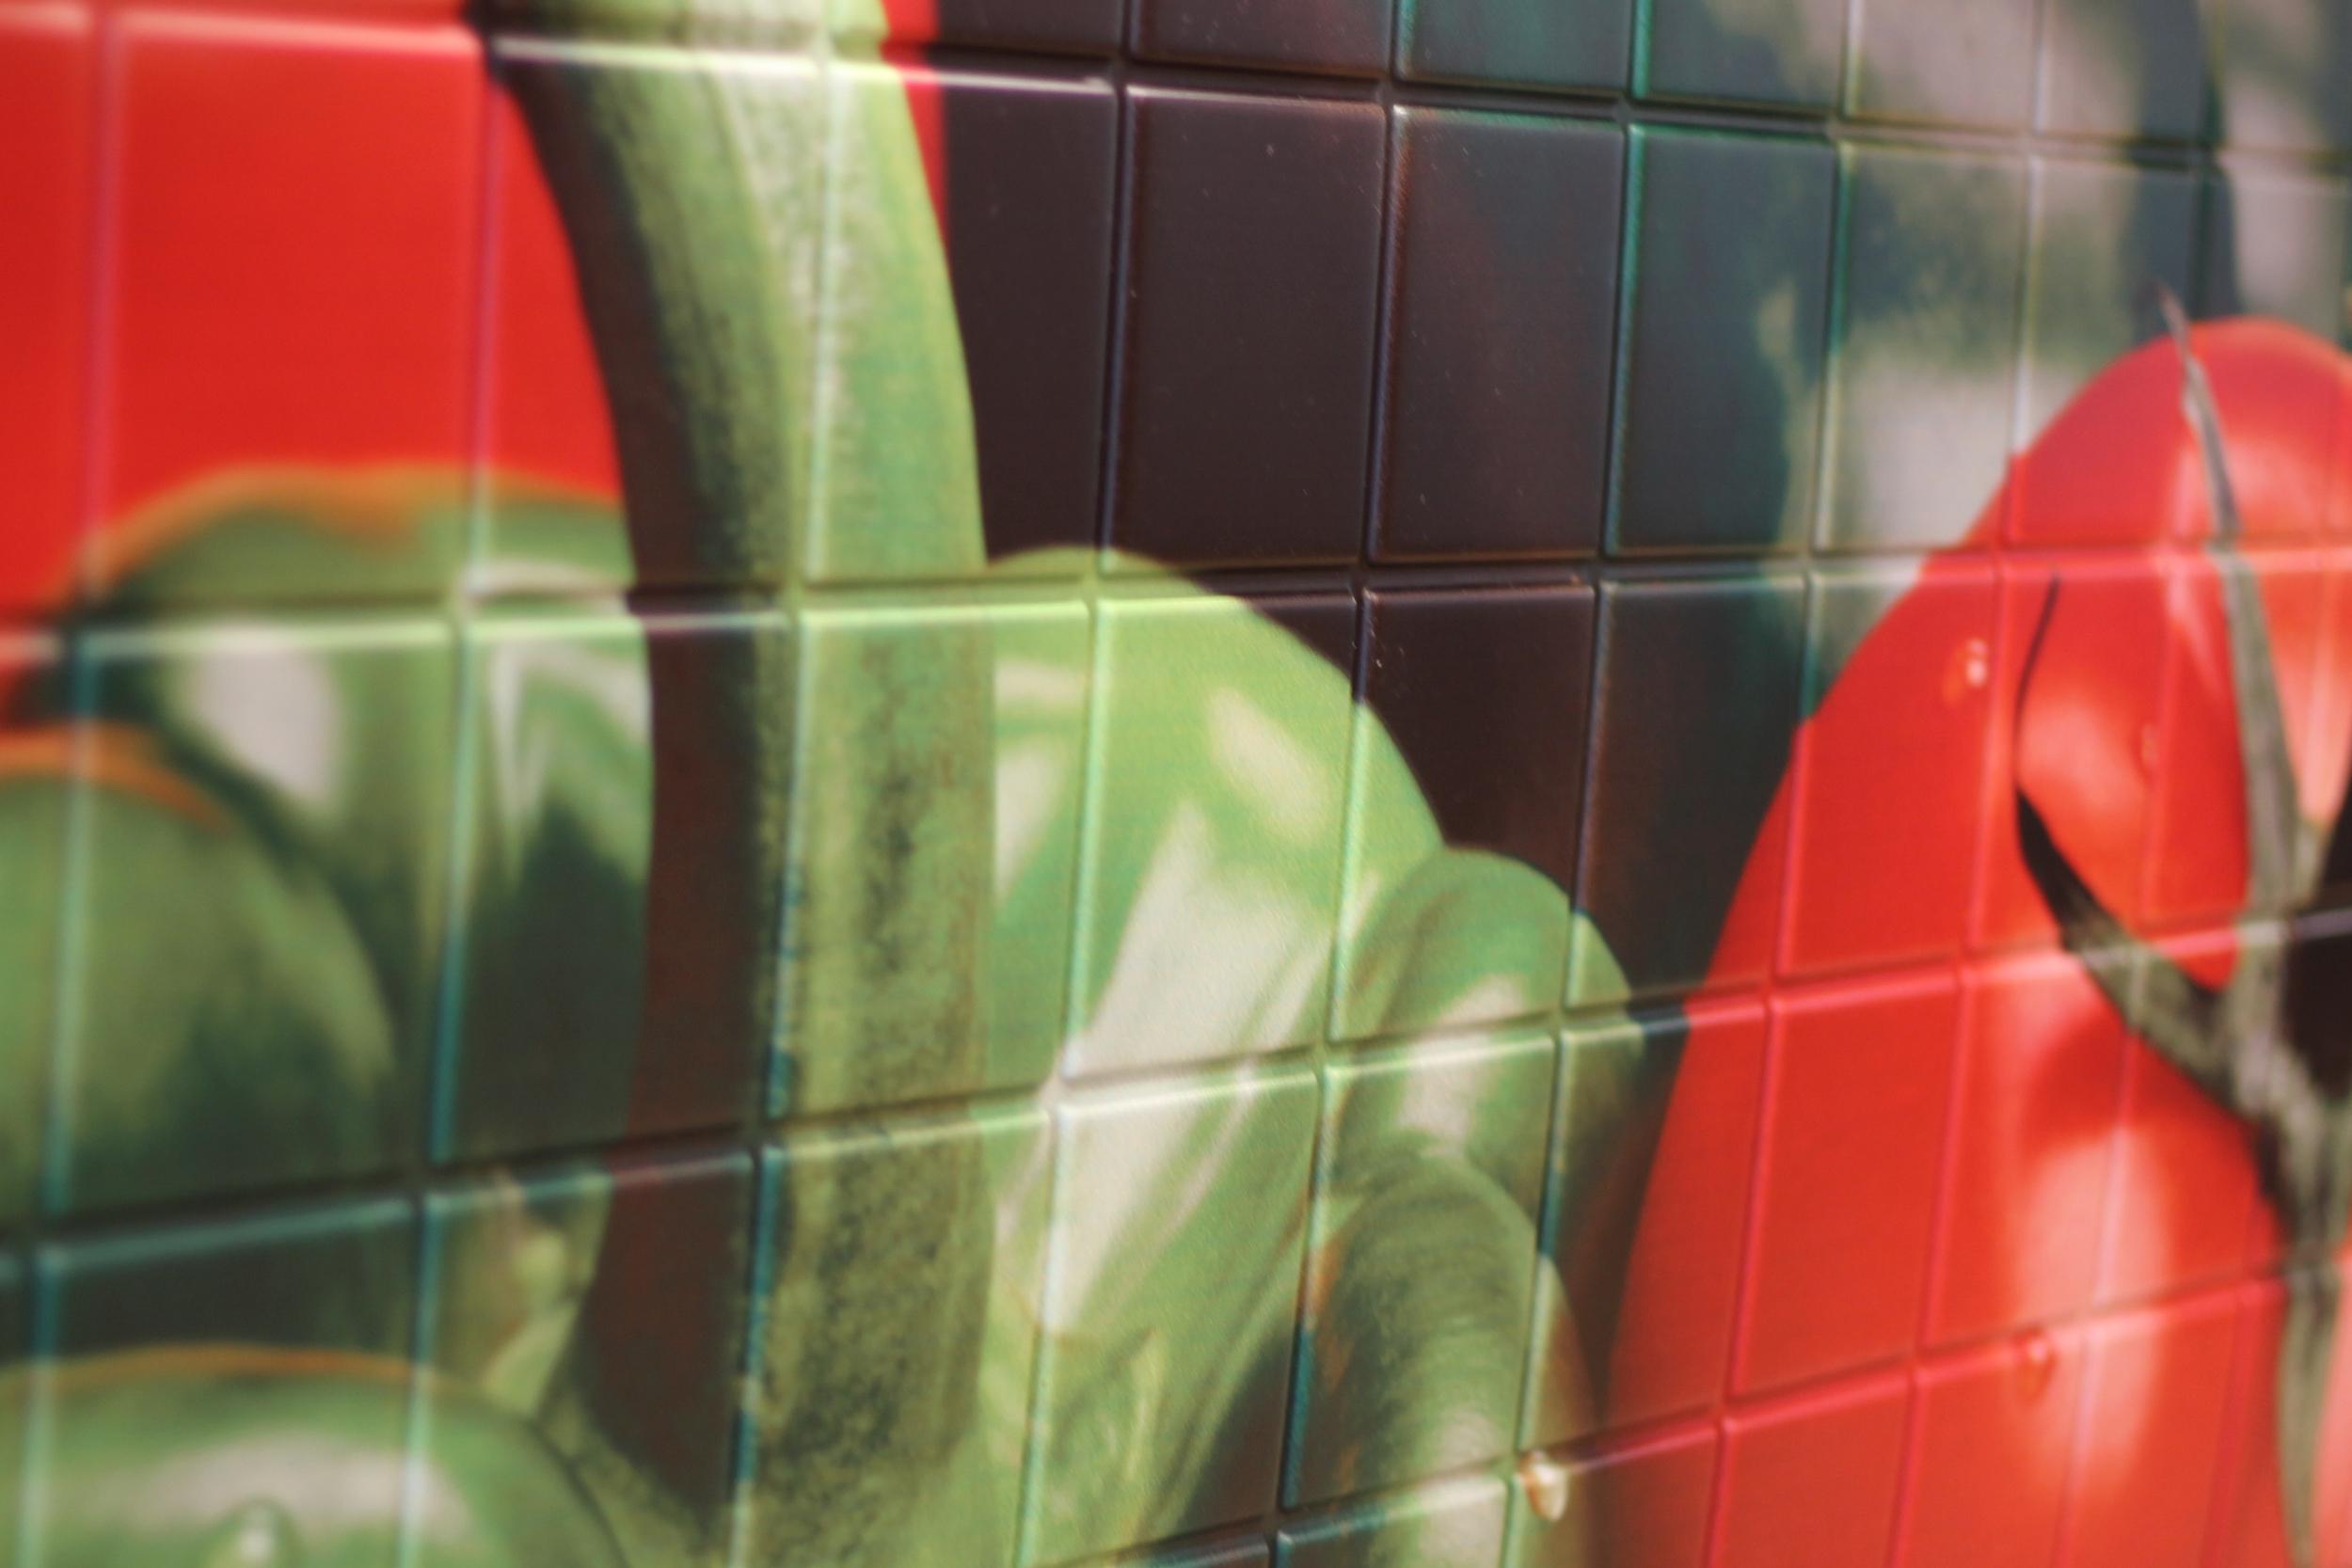 Paleo at Subway